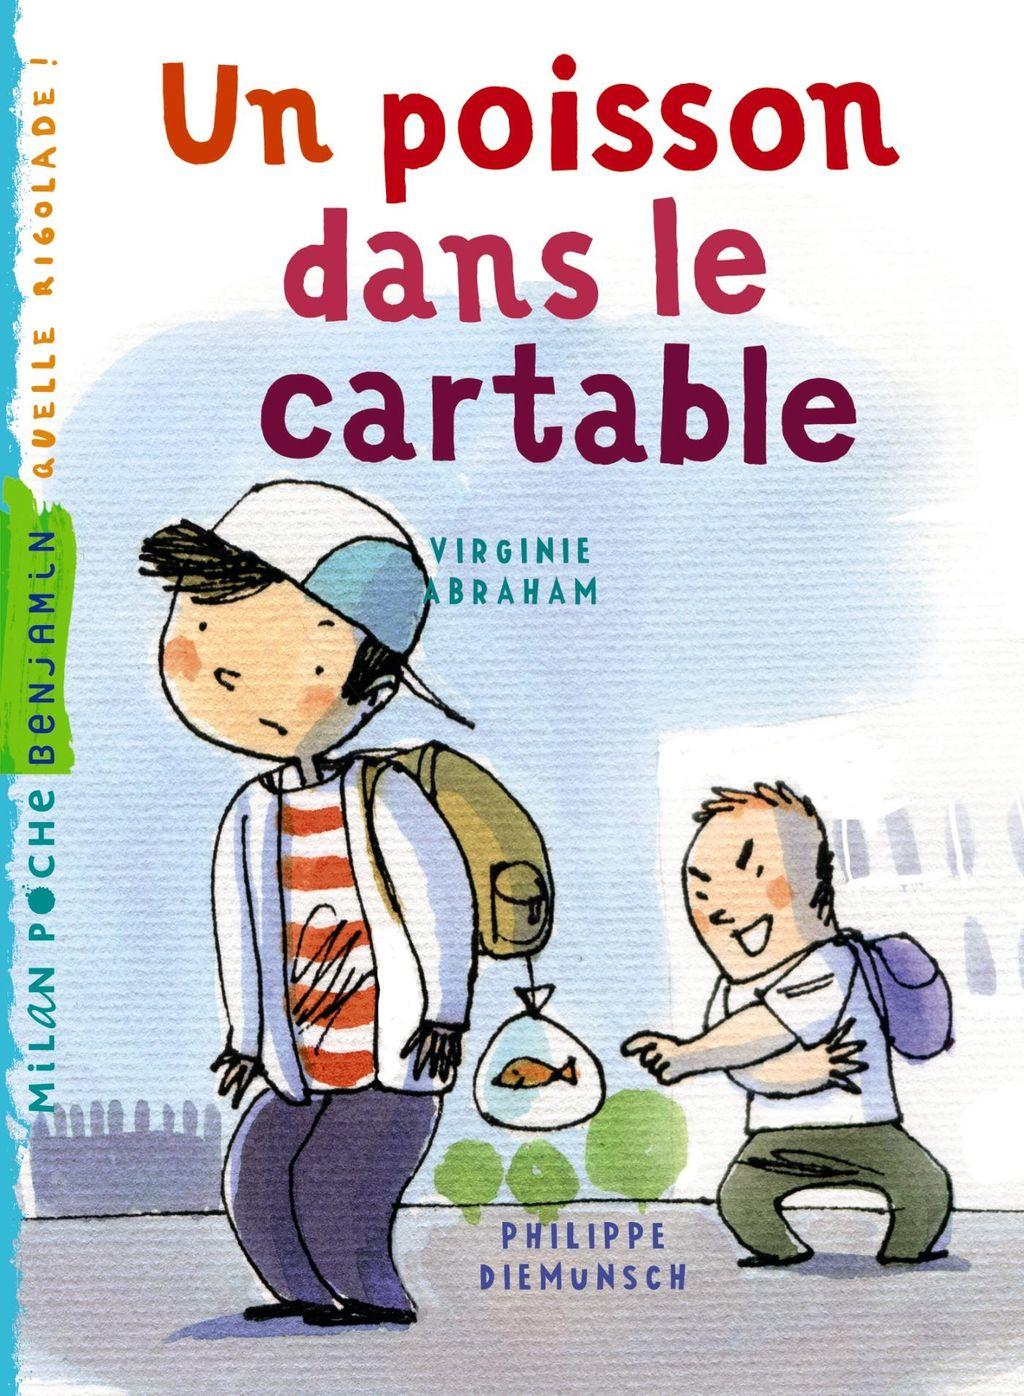 «Un poisson dans le cartable» cover